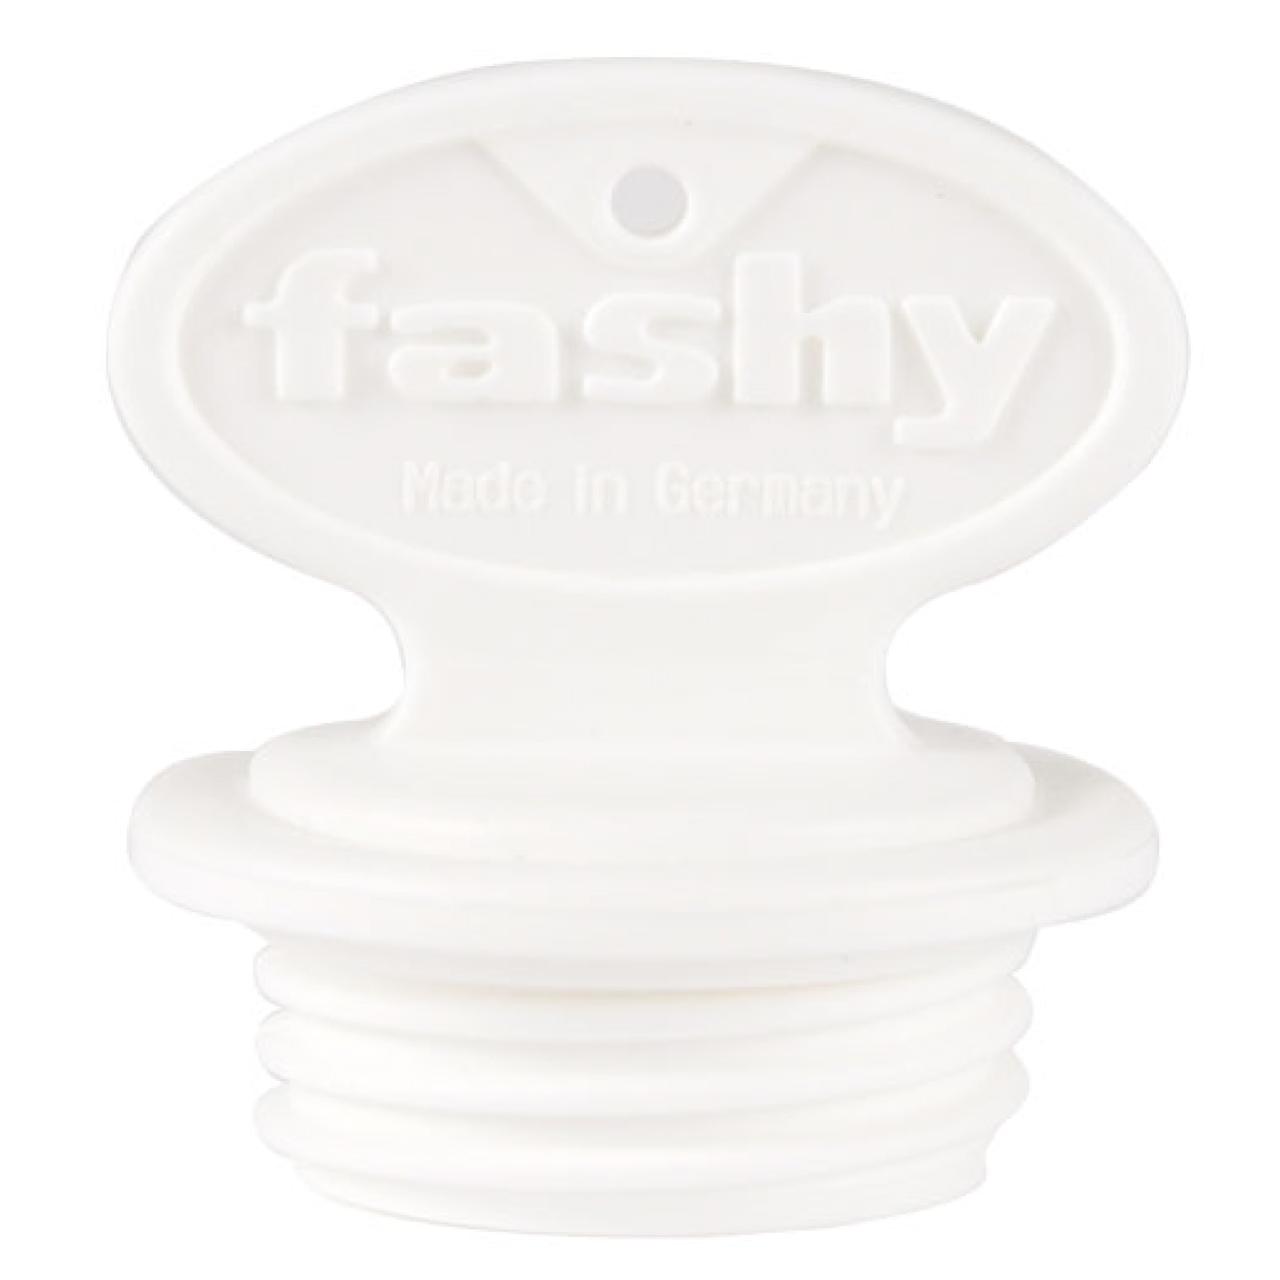 ファシー 湯たんぽ専用キャップ29mm